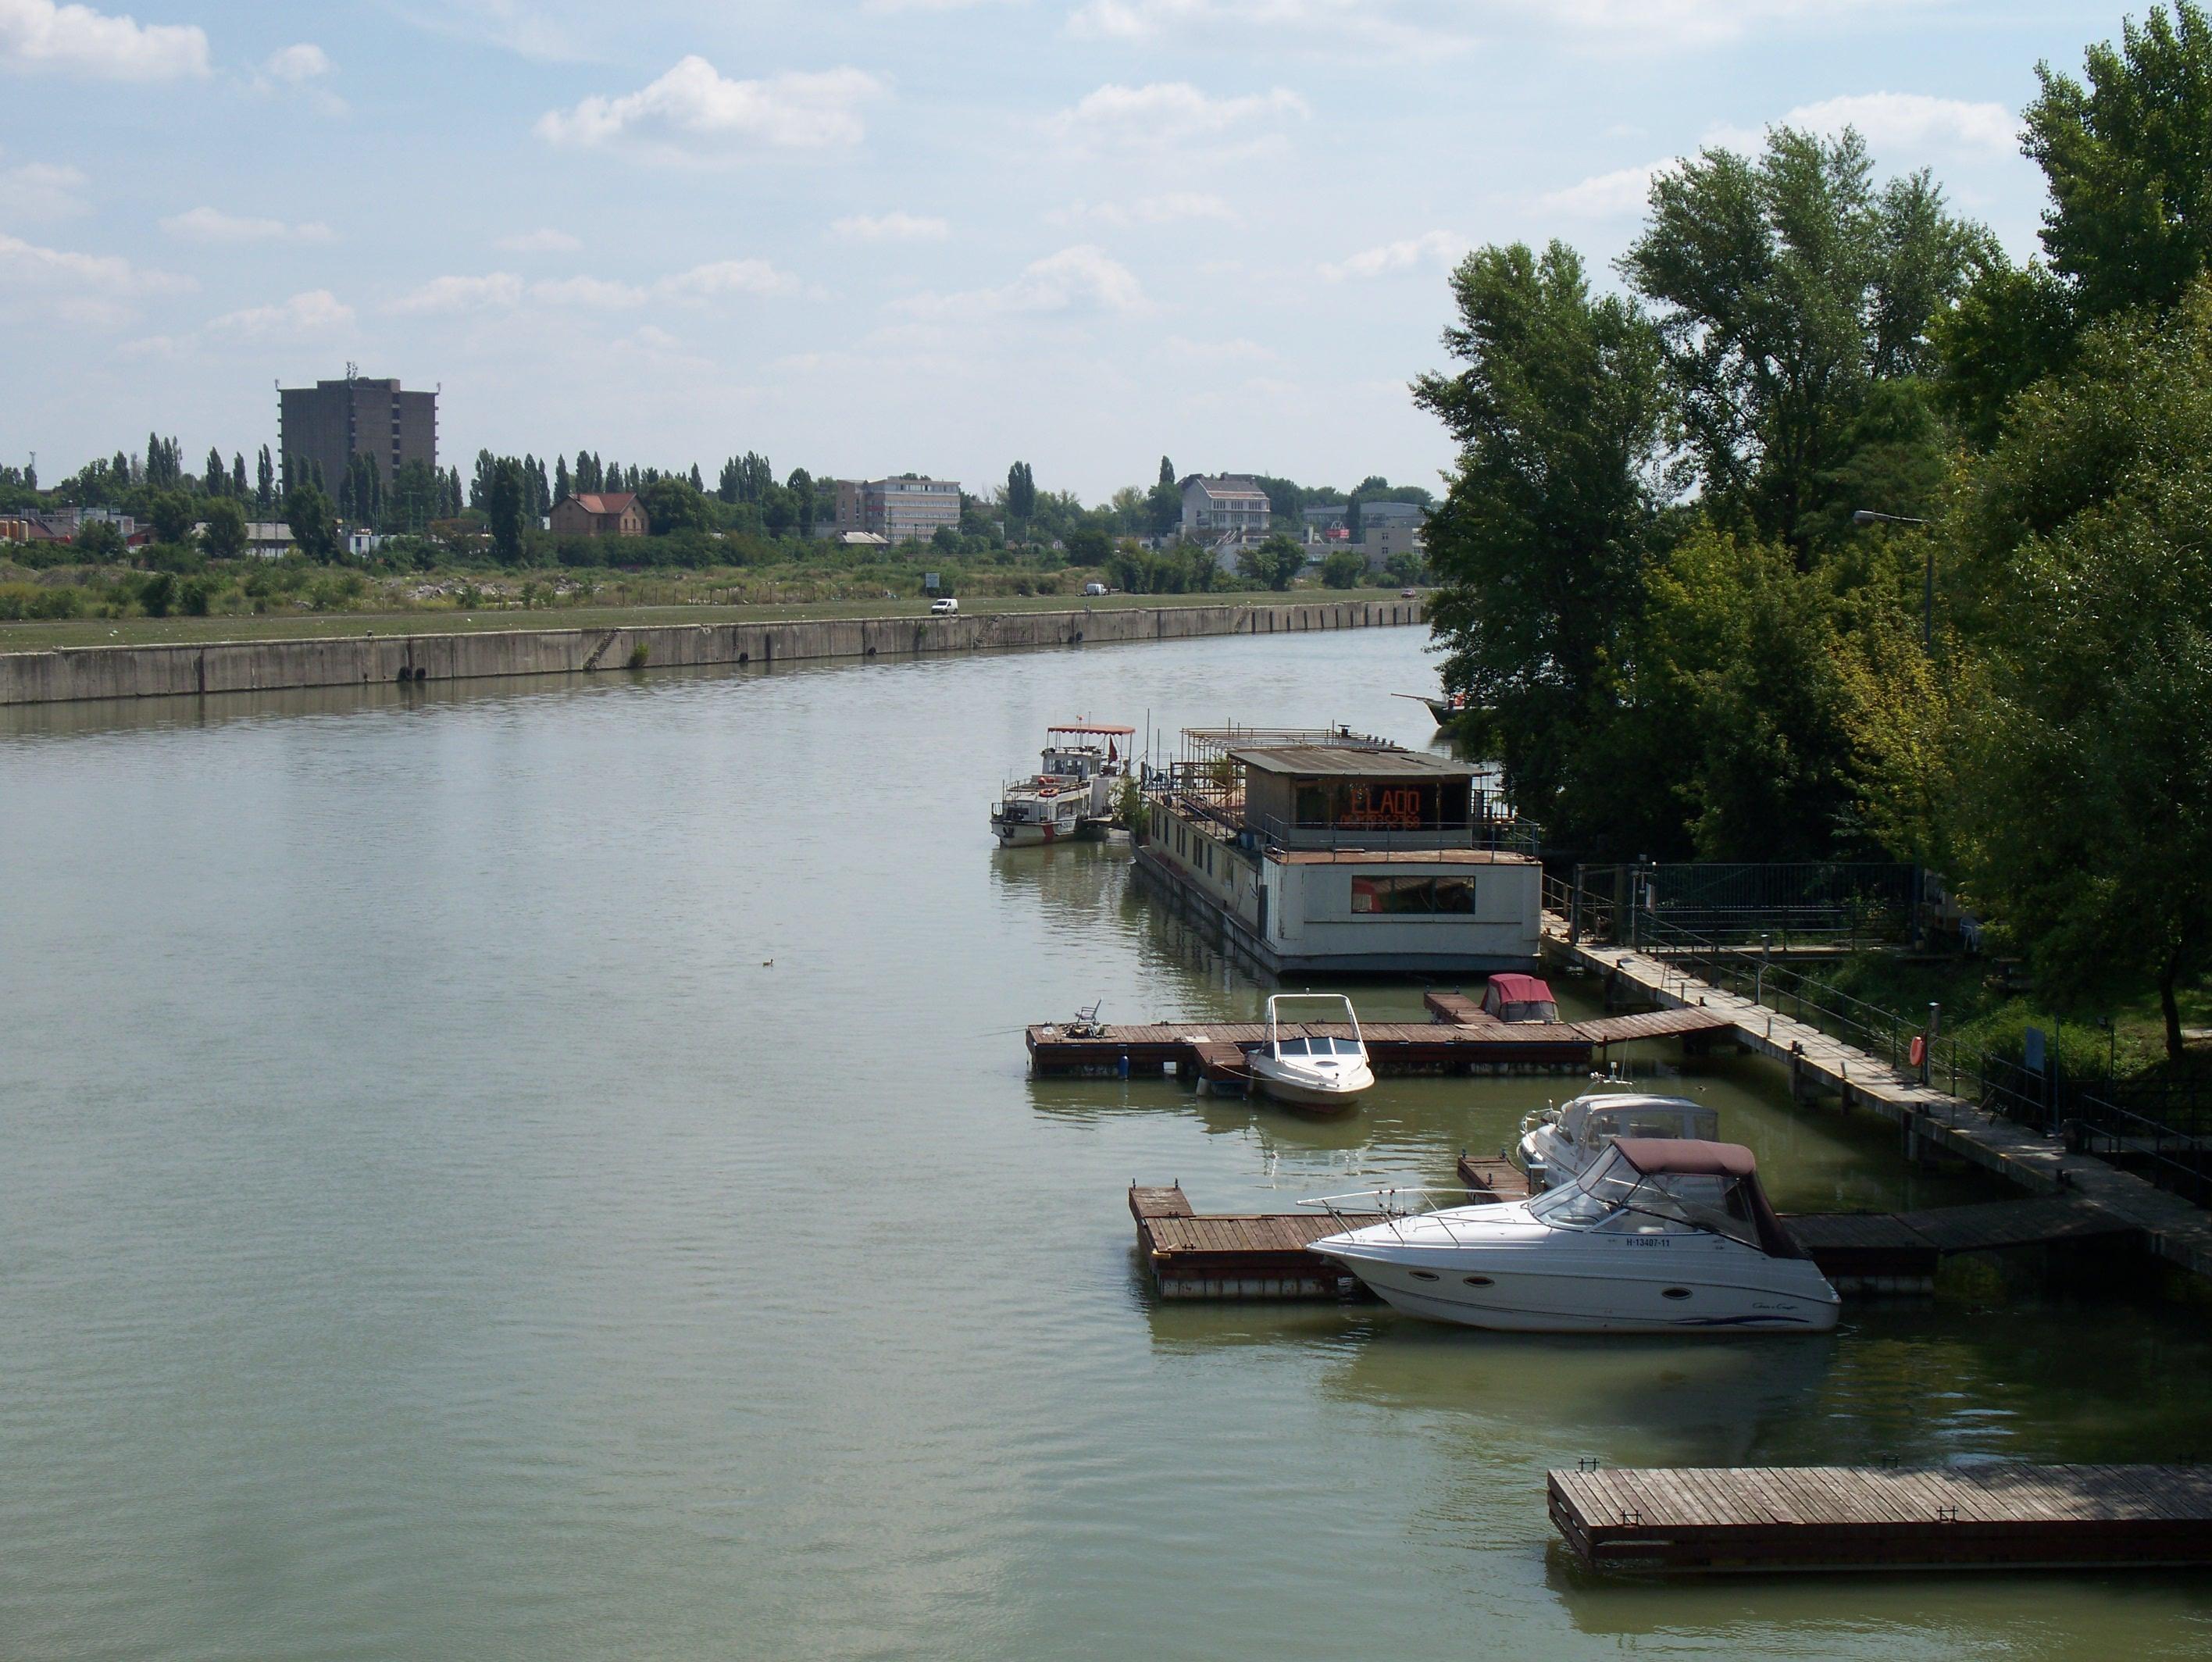 http://www.kisdunainagyhajok.hu/egyebhajok/2011_08_17_mihaly_a_hajo_elado_allohajo_csepelen/2011_08_17_mihaly_a_hajo_elado_allohajo_csepelen_001.jpg